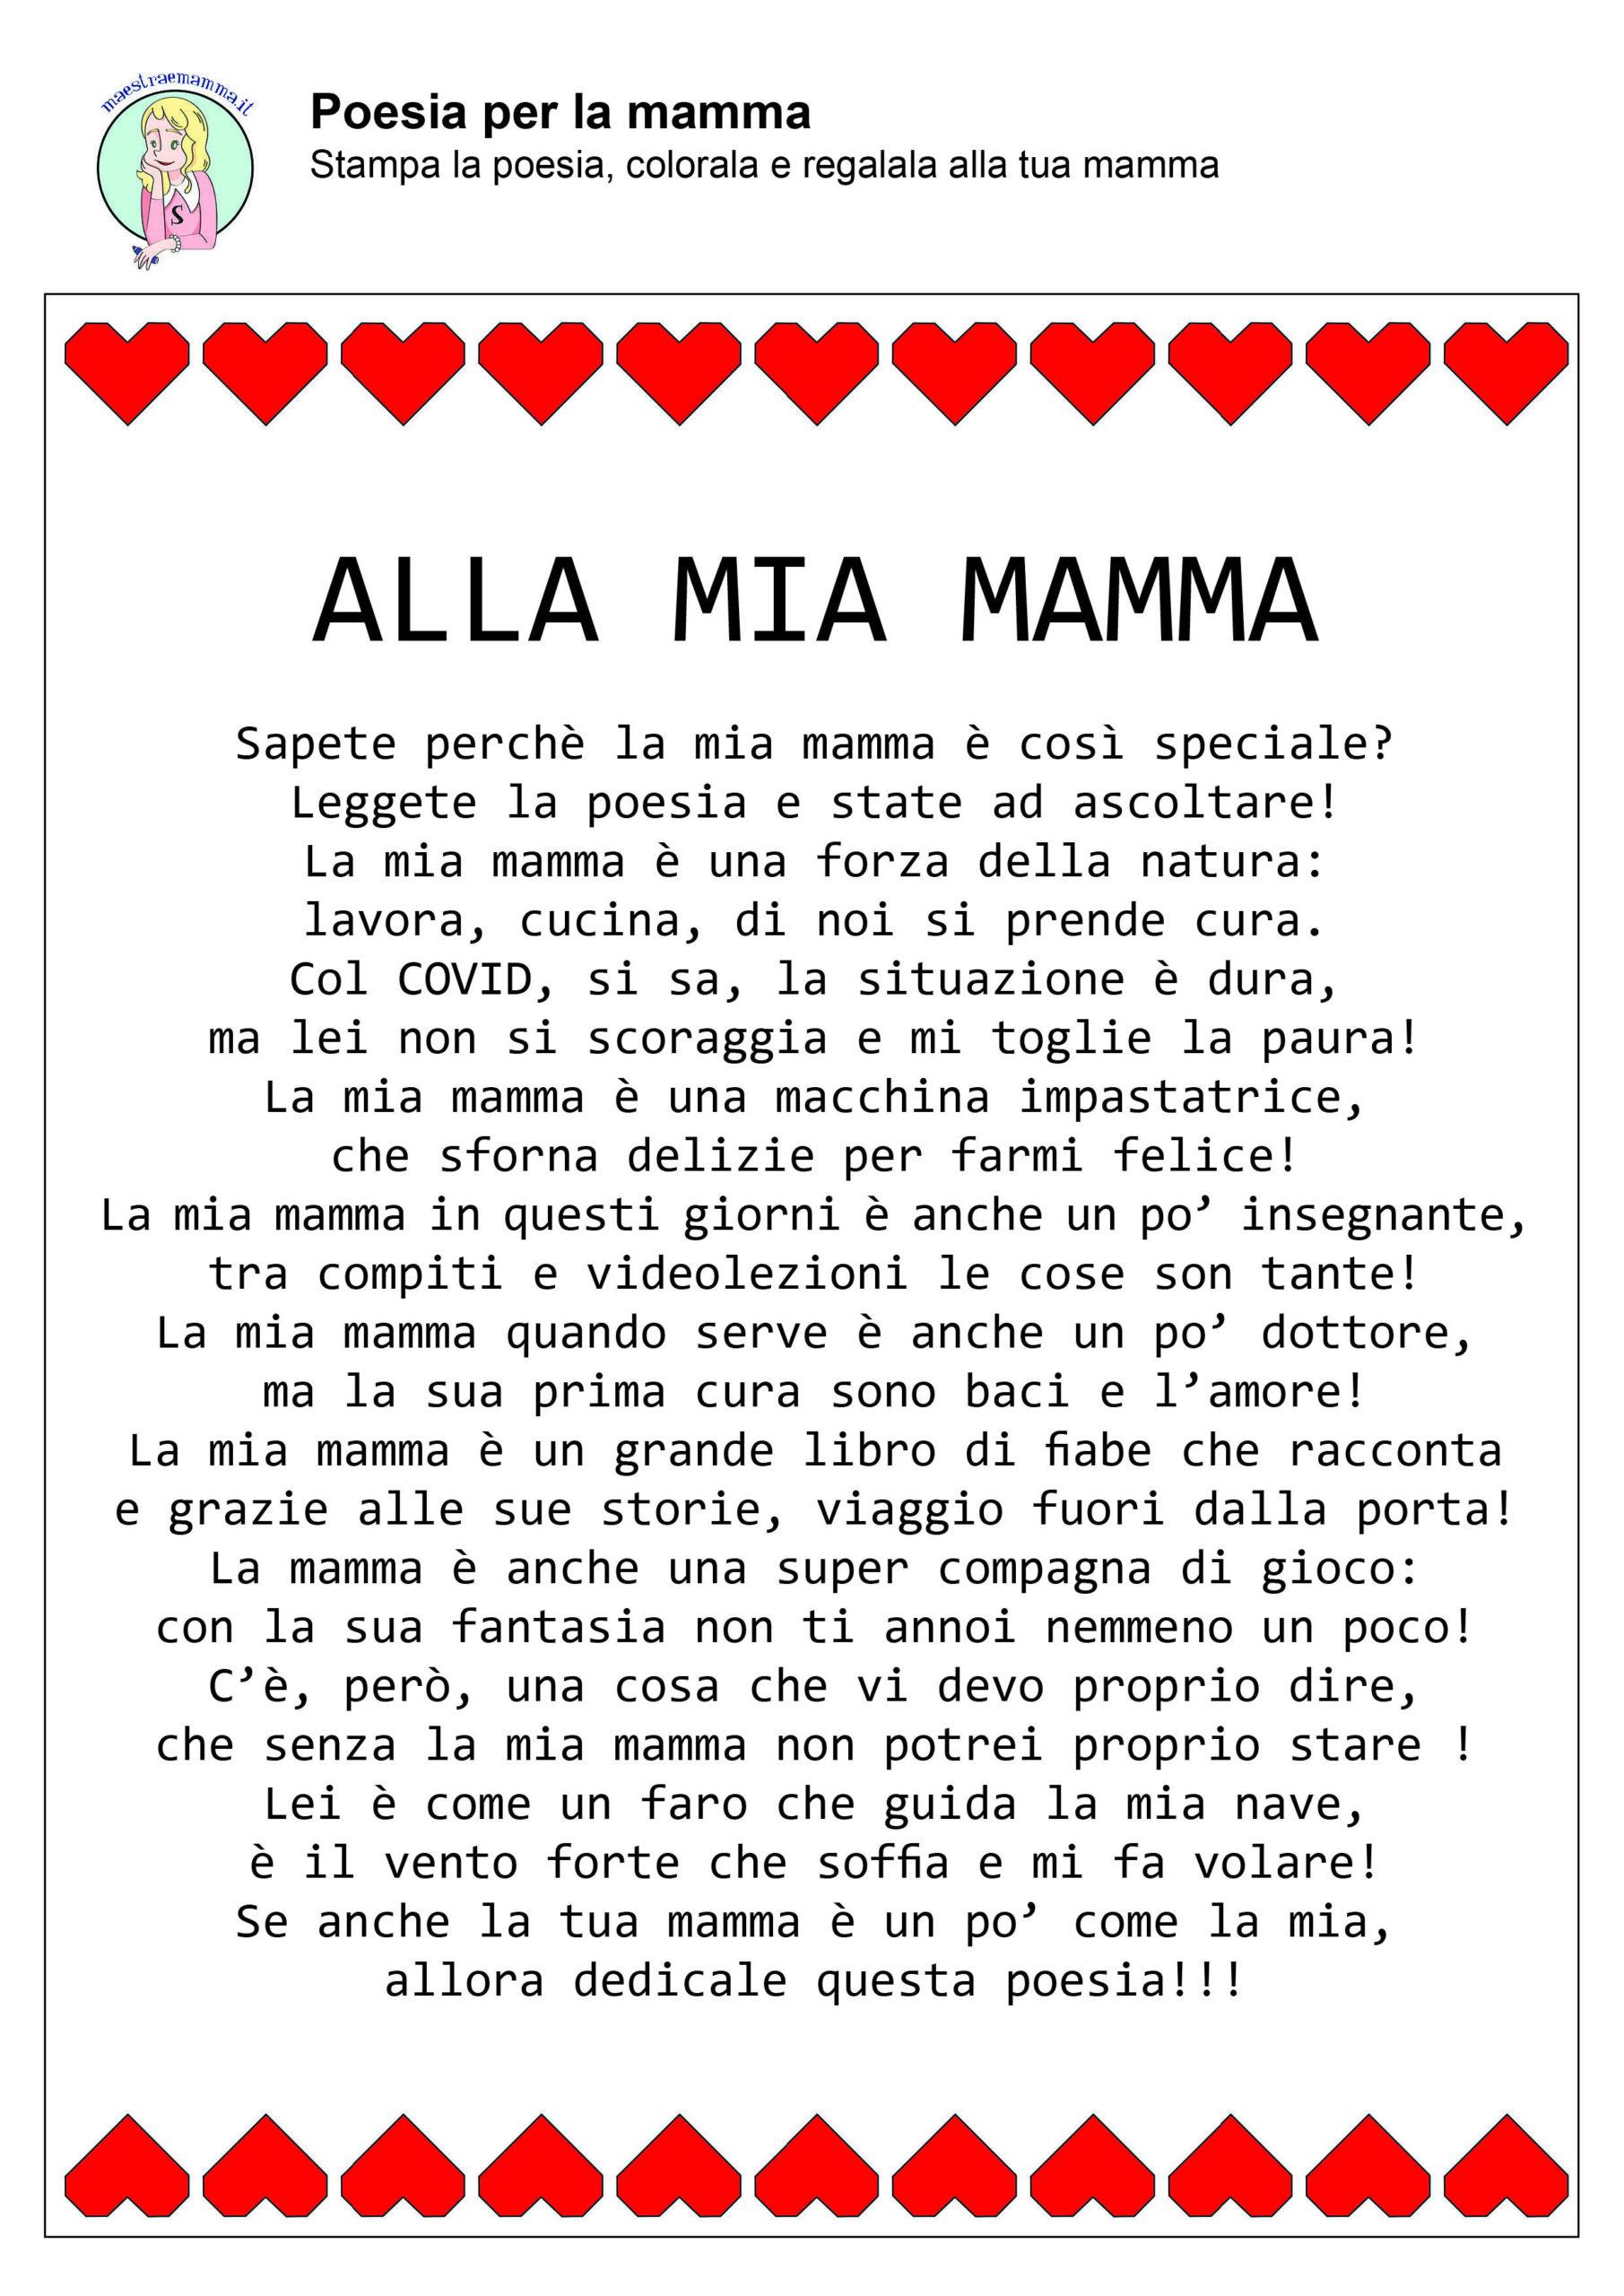 alla mia mamma-poesia-filastrocca-festa-della-mamma-in-quarantena-coronavirus-a-colori